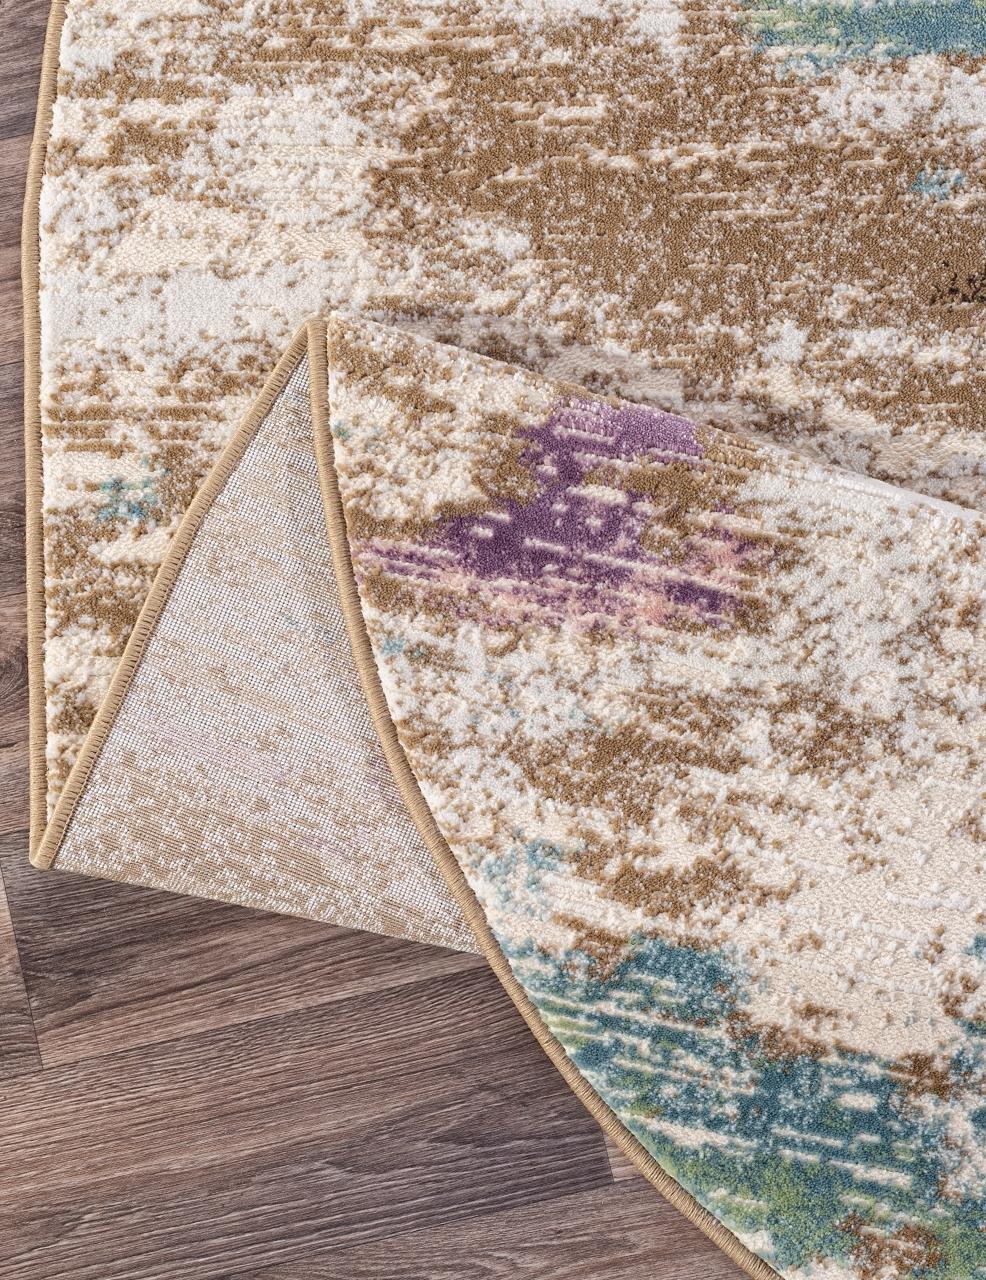 Ковер D734 - BEIGE - Овал - коллекция ROXY WF - фото 5